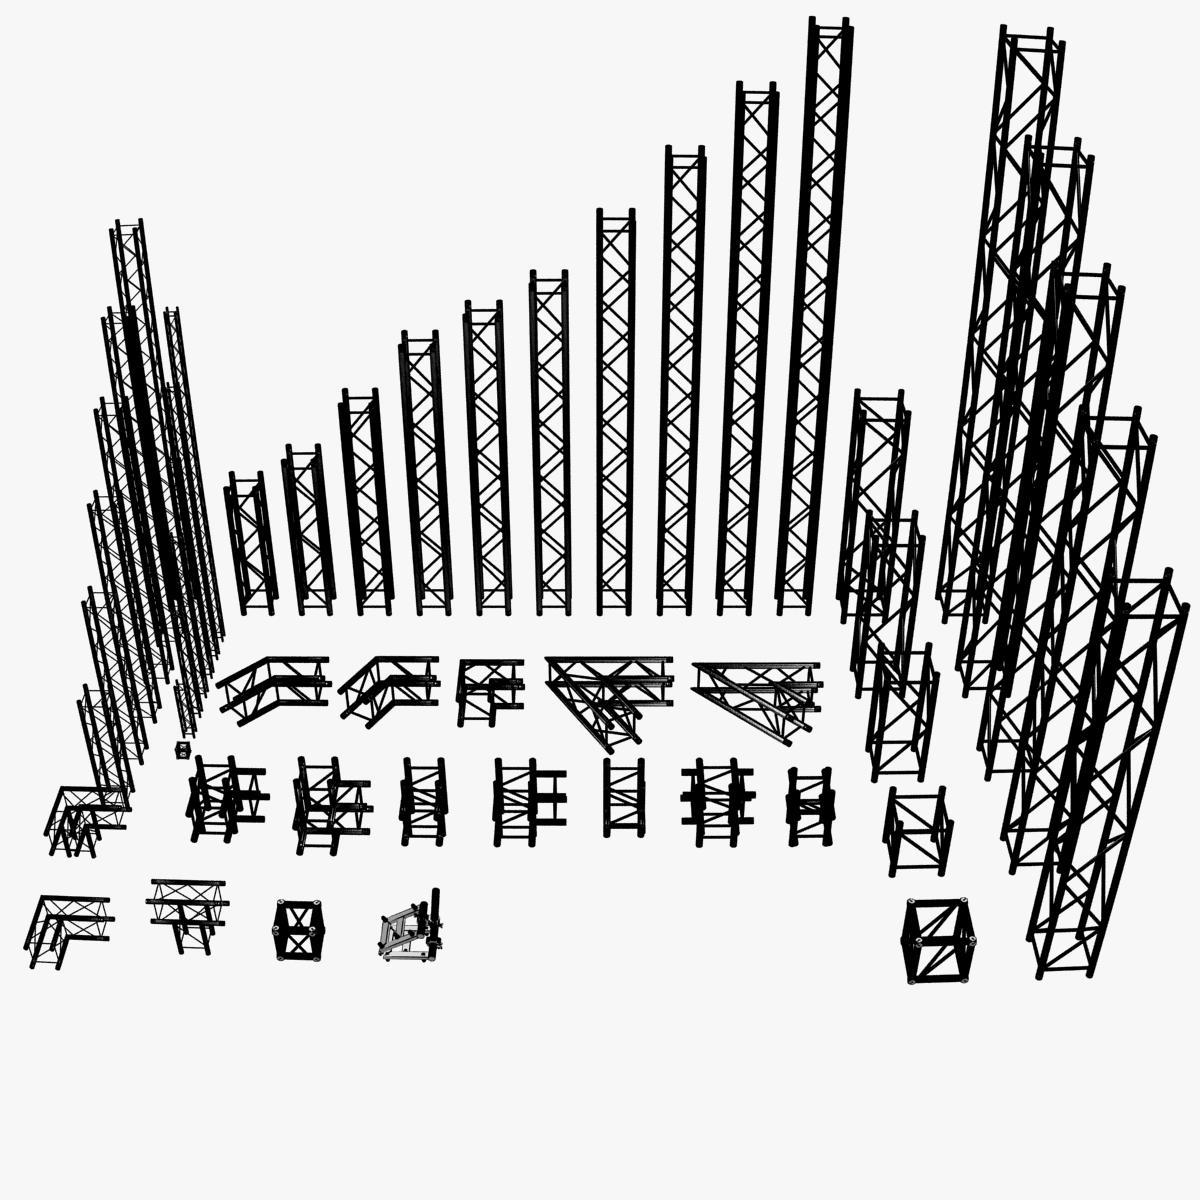 square light trusses (collection 50 modular) 3d model 3ds max dxf fbx c4d dae texture obj 216170